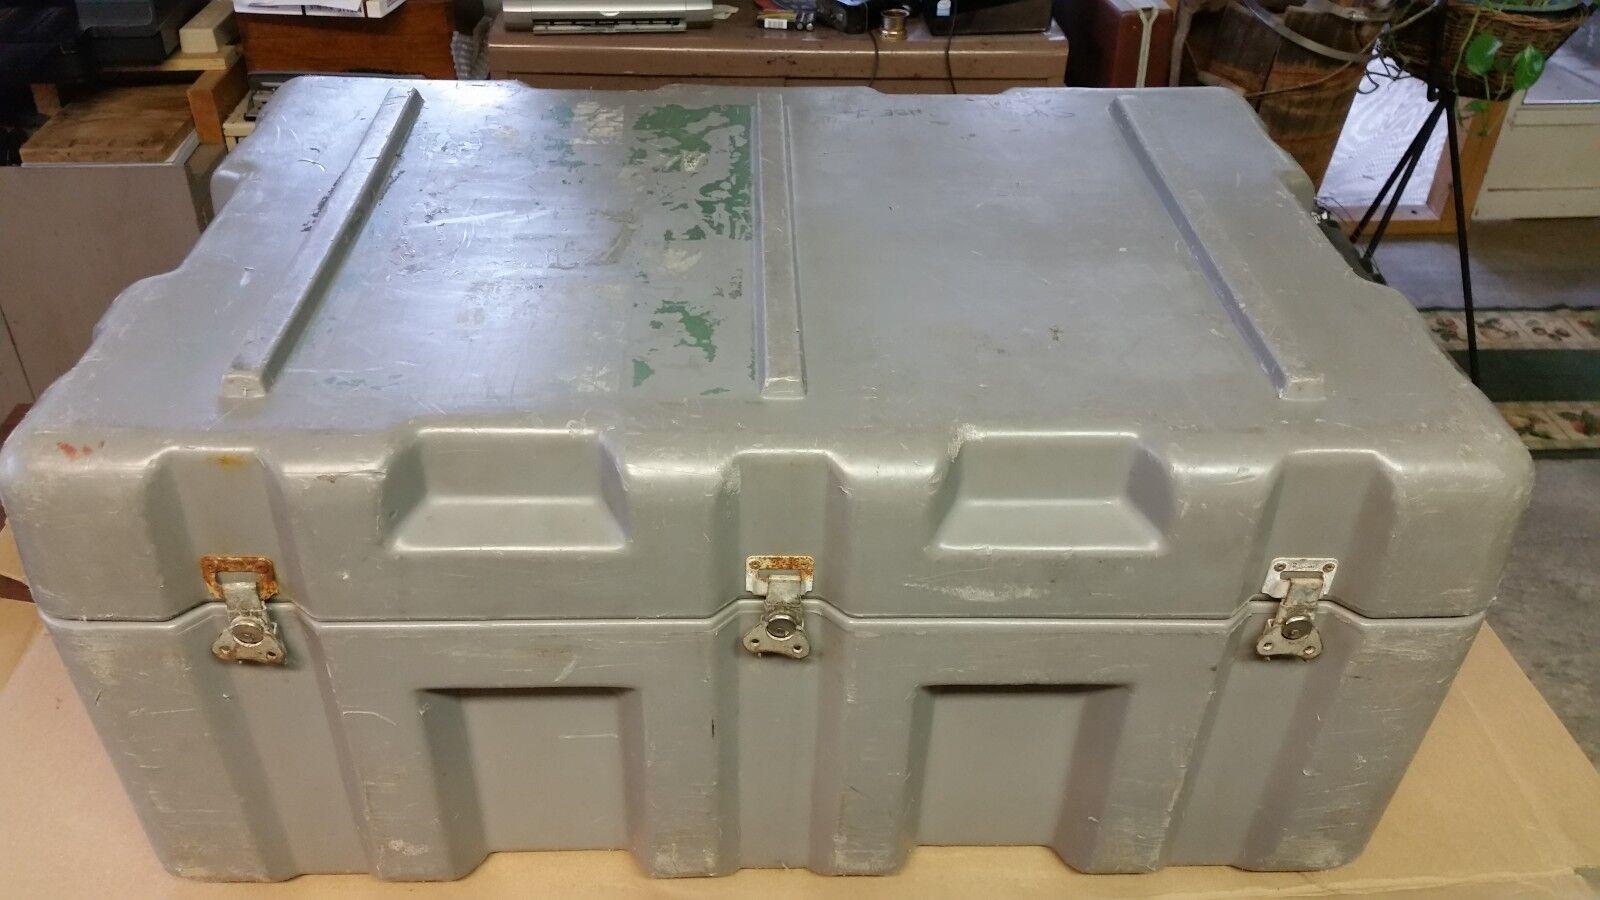 Mercury Plastics Plastics Plastics caso 28 X 19 X 12 envío PREP Pelican Hardigg Tipo Militar  venta de ofertas